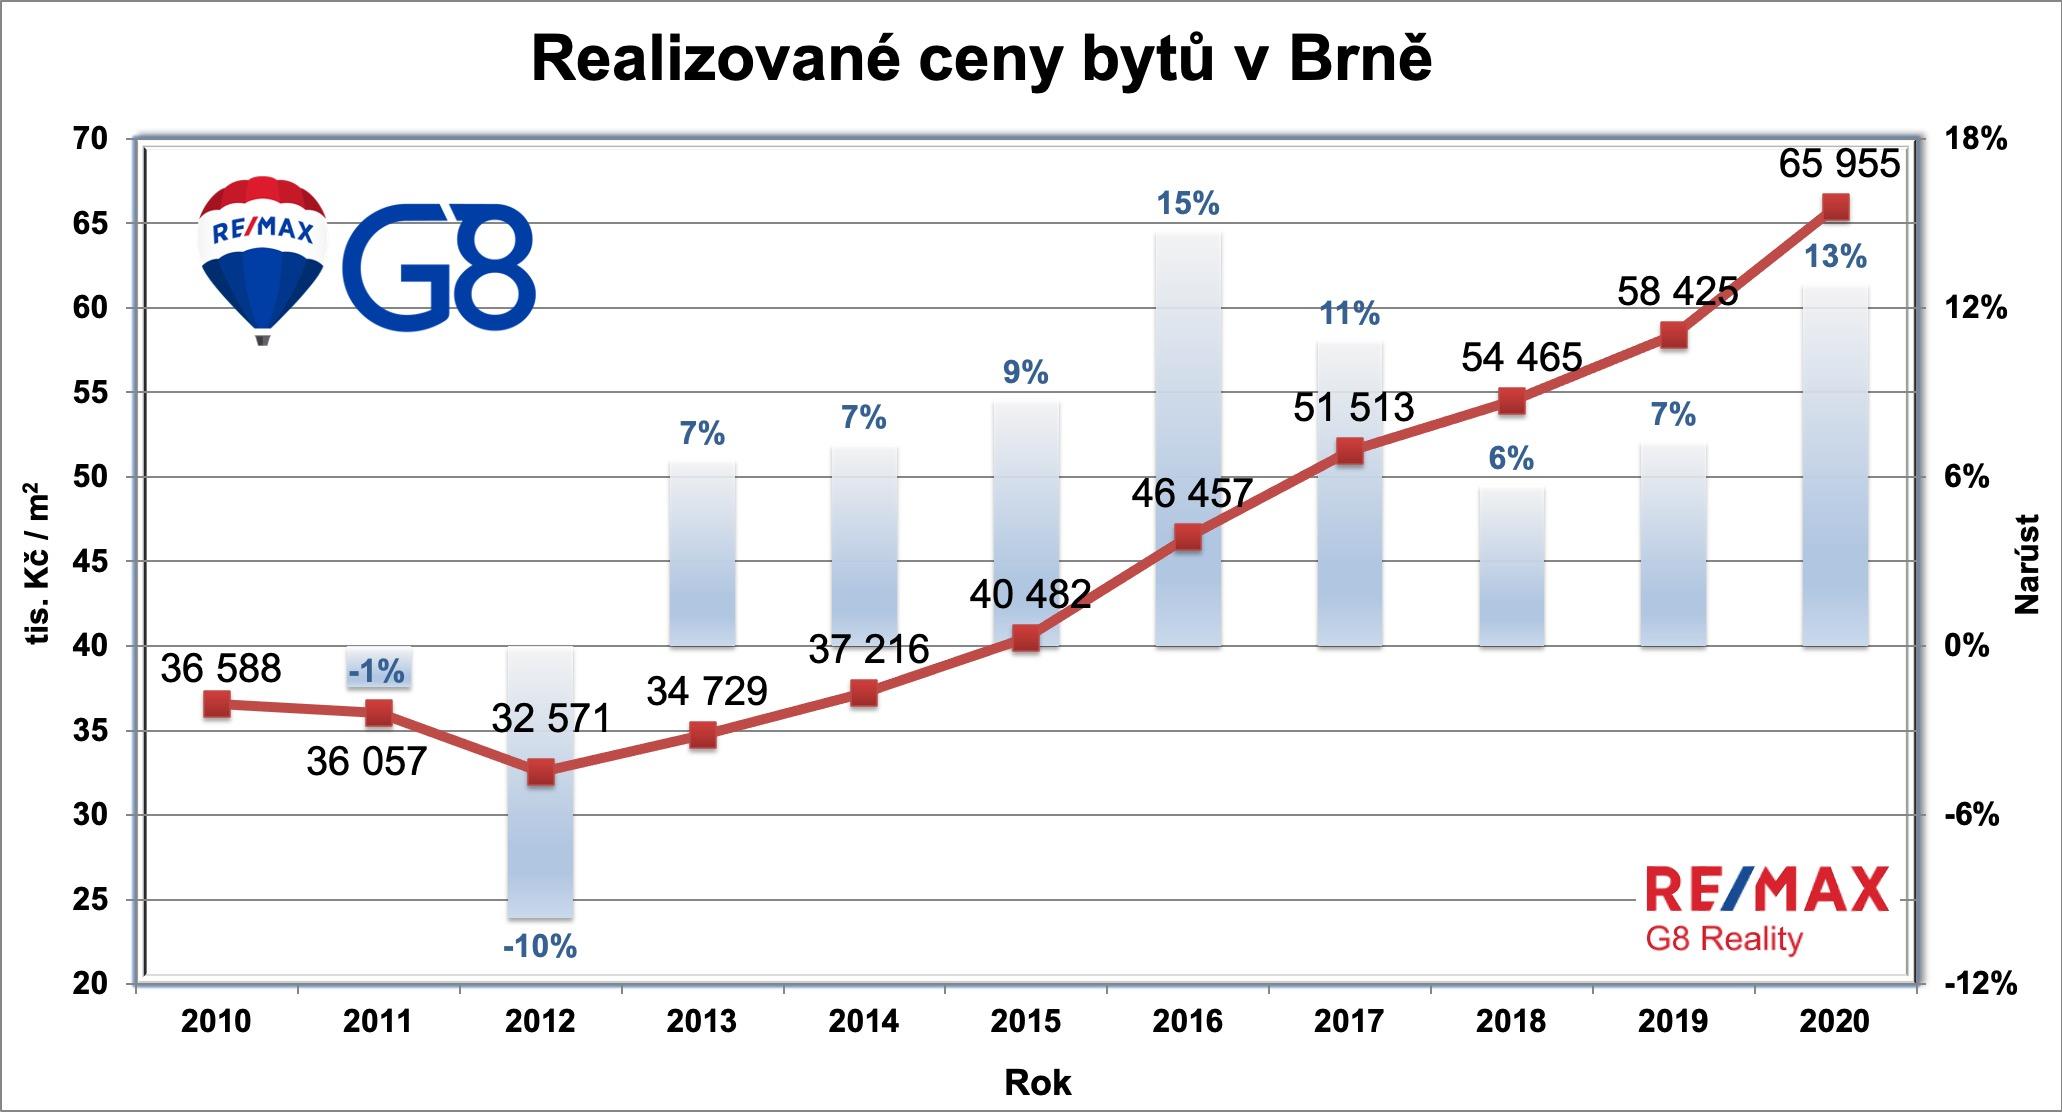 Realizované ceny bytů narůst v Brně 2020